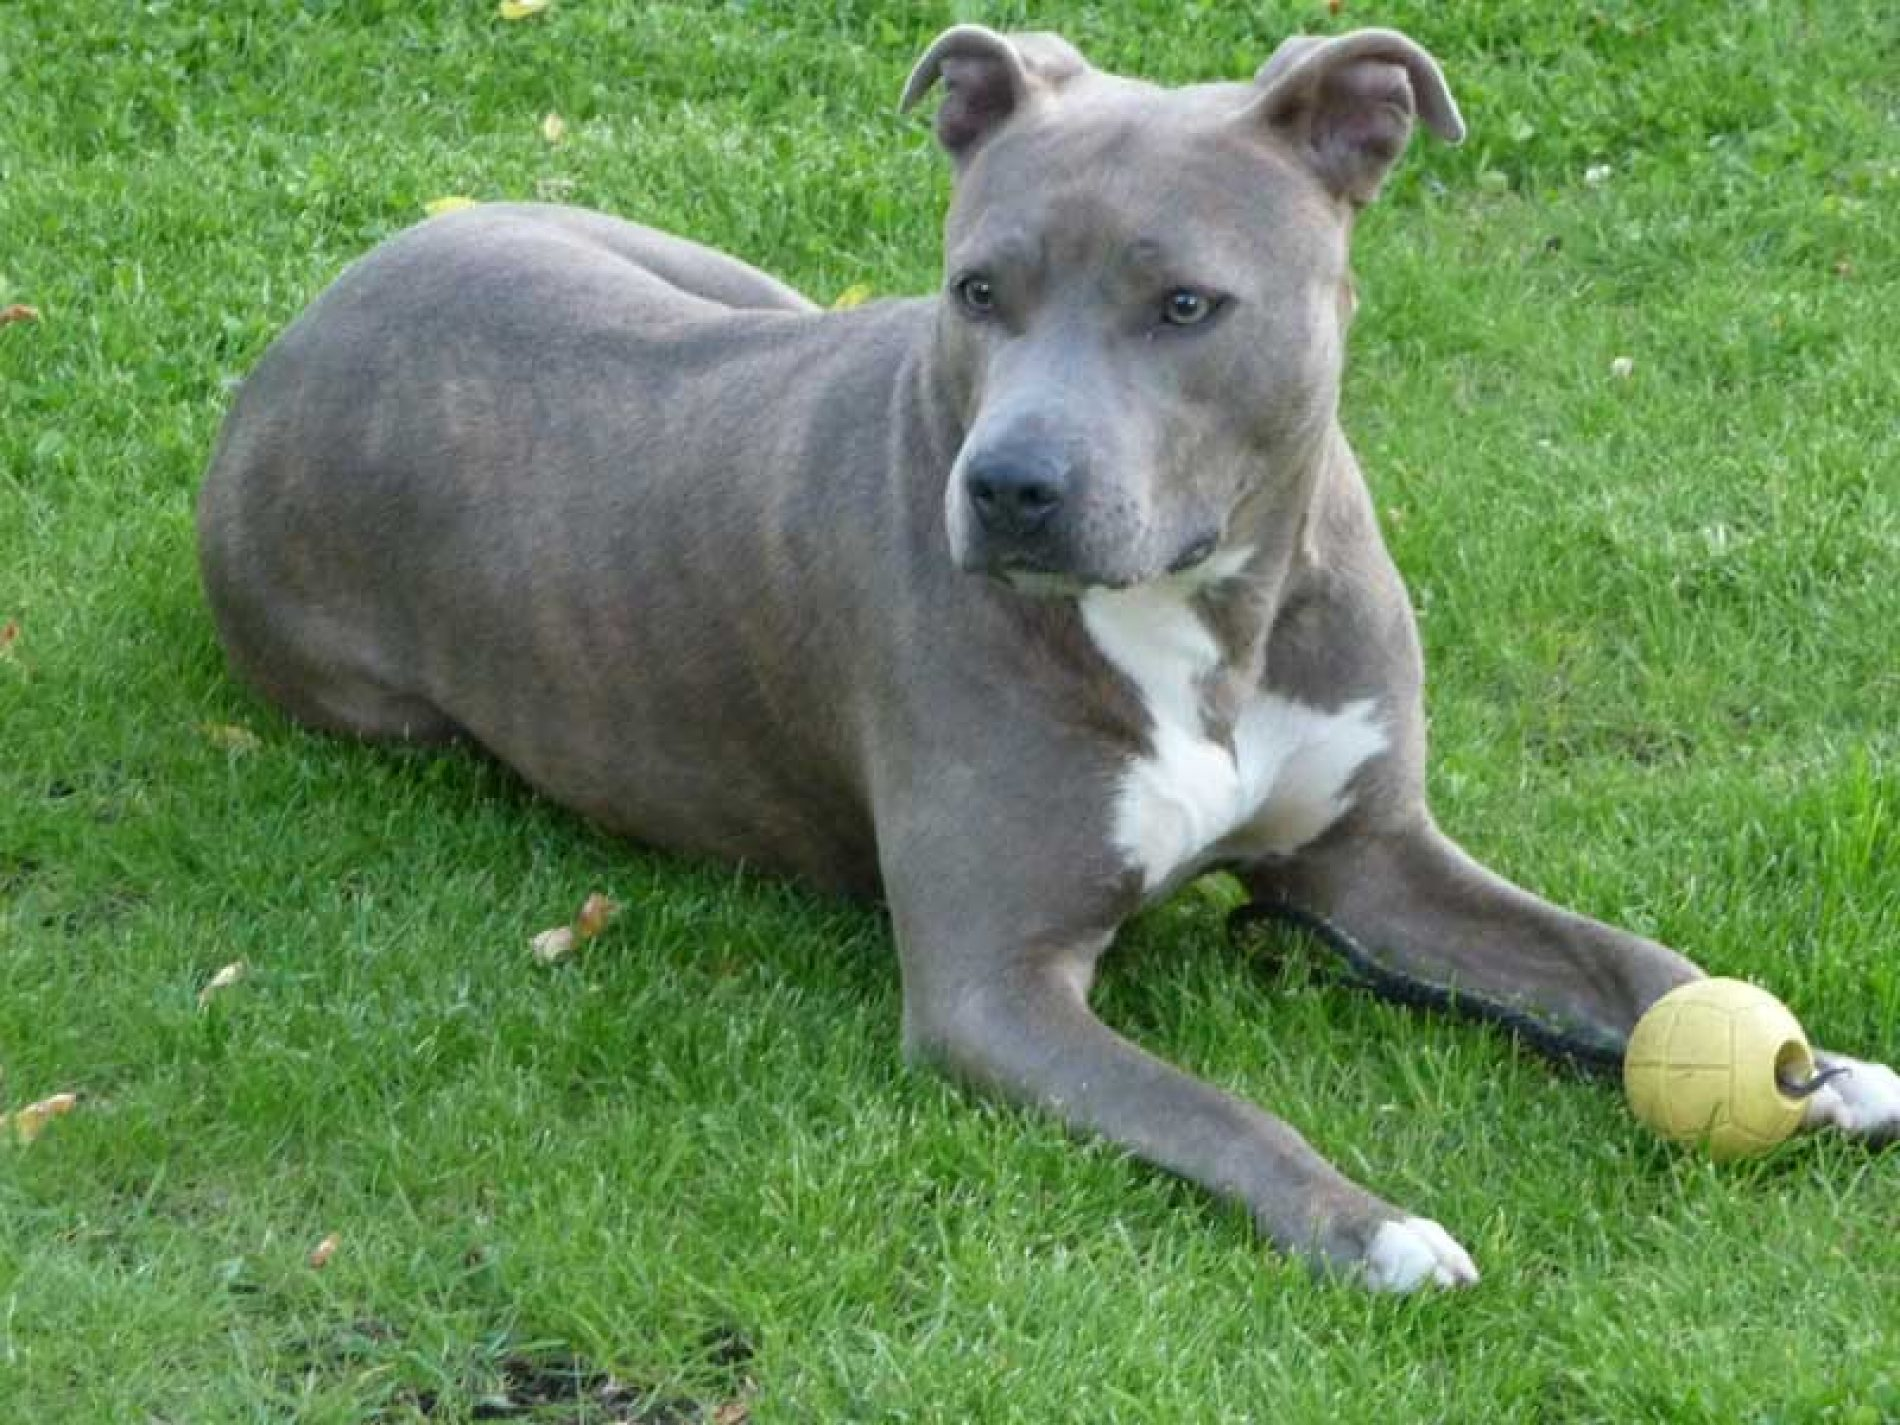 Perros potencialmente peligrosos ¿Necesito licencia para tenerlos?